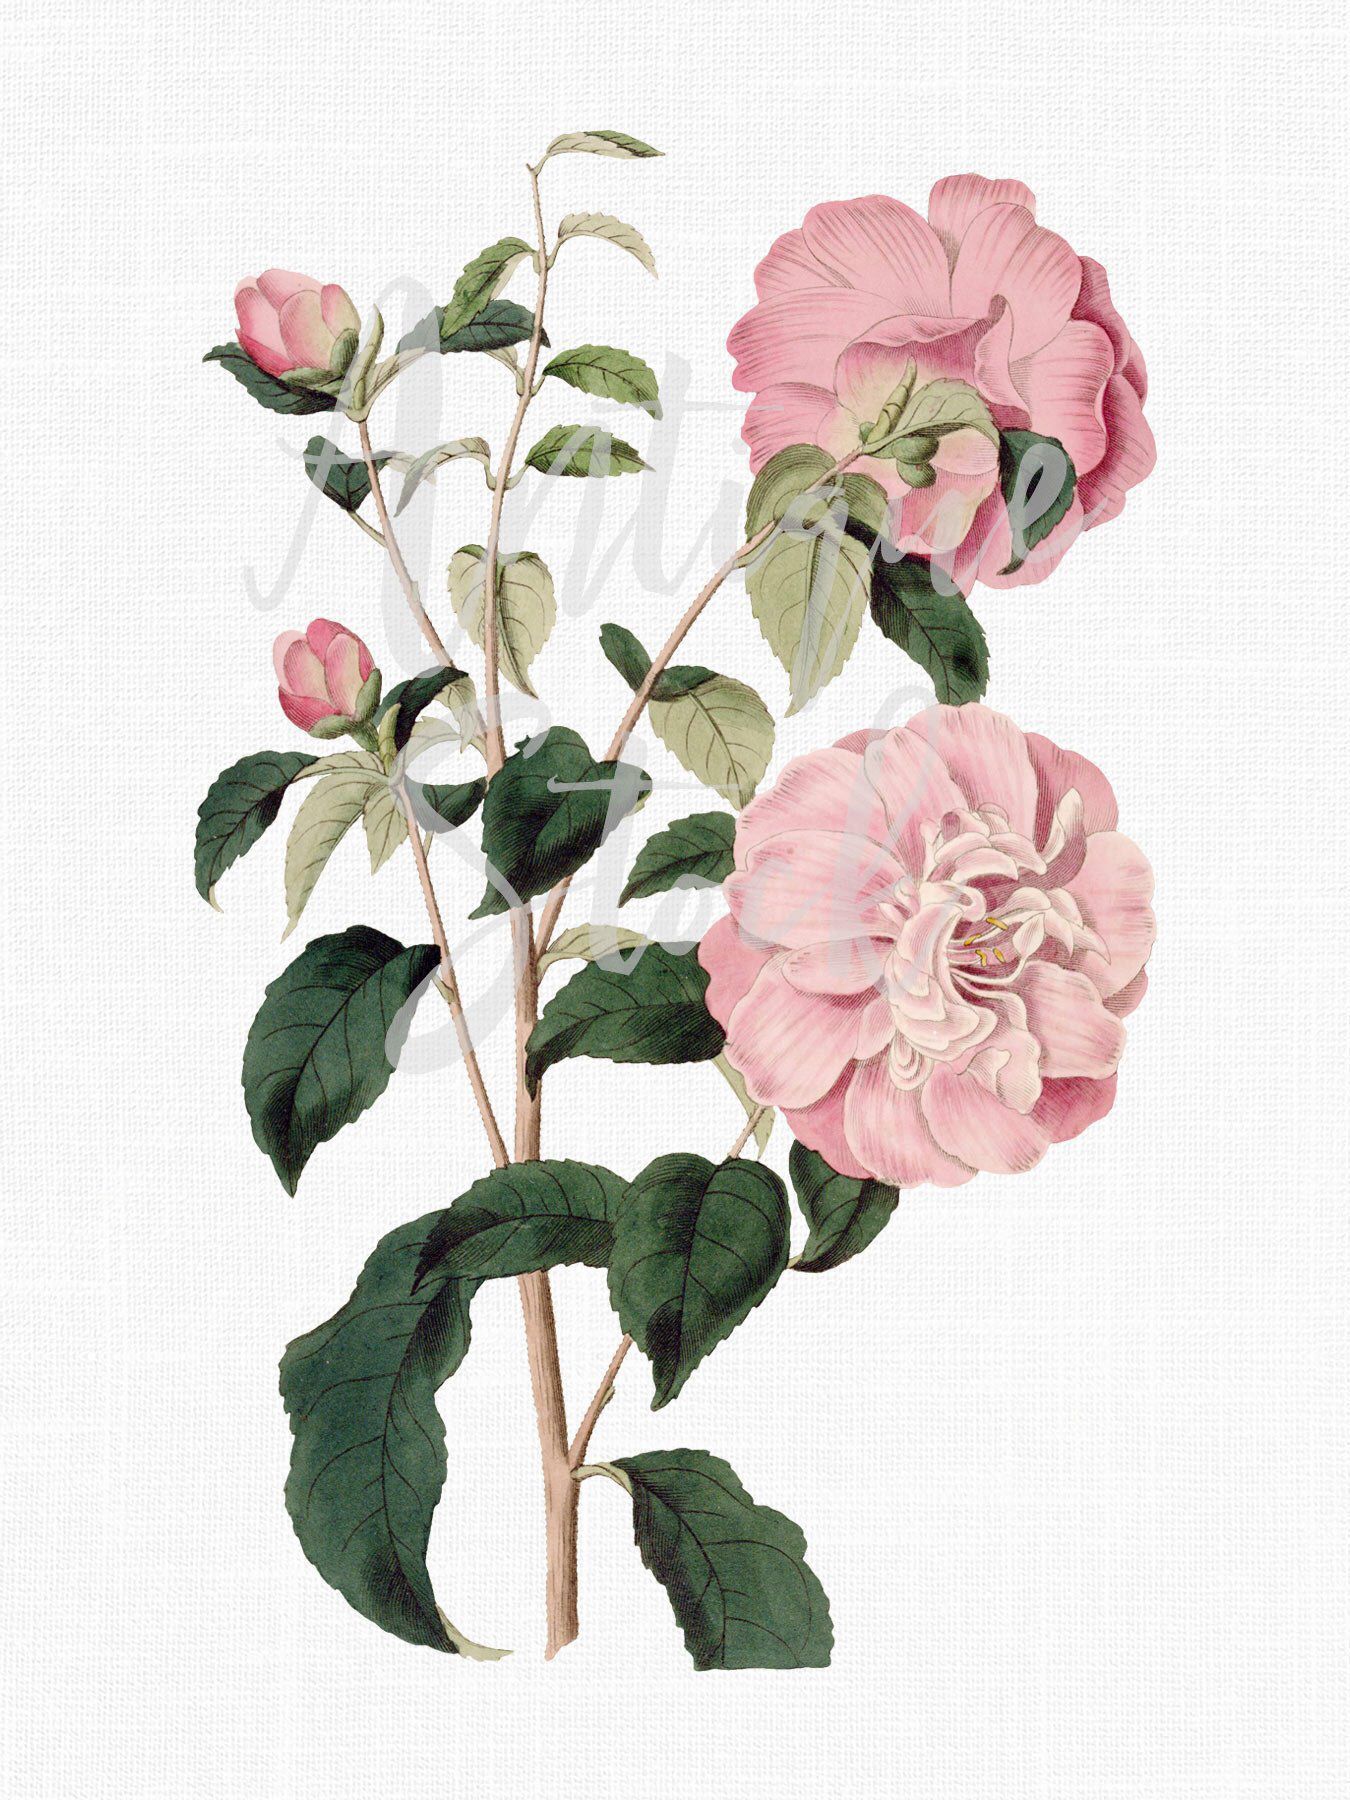 Pink Camellia Flower Botanical Illustration Png Jpg Etsy Botanical Illustration Illustration Wall Art Prints